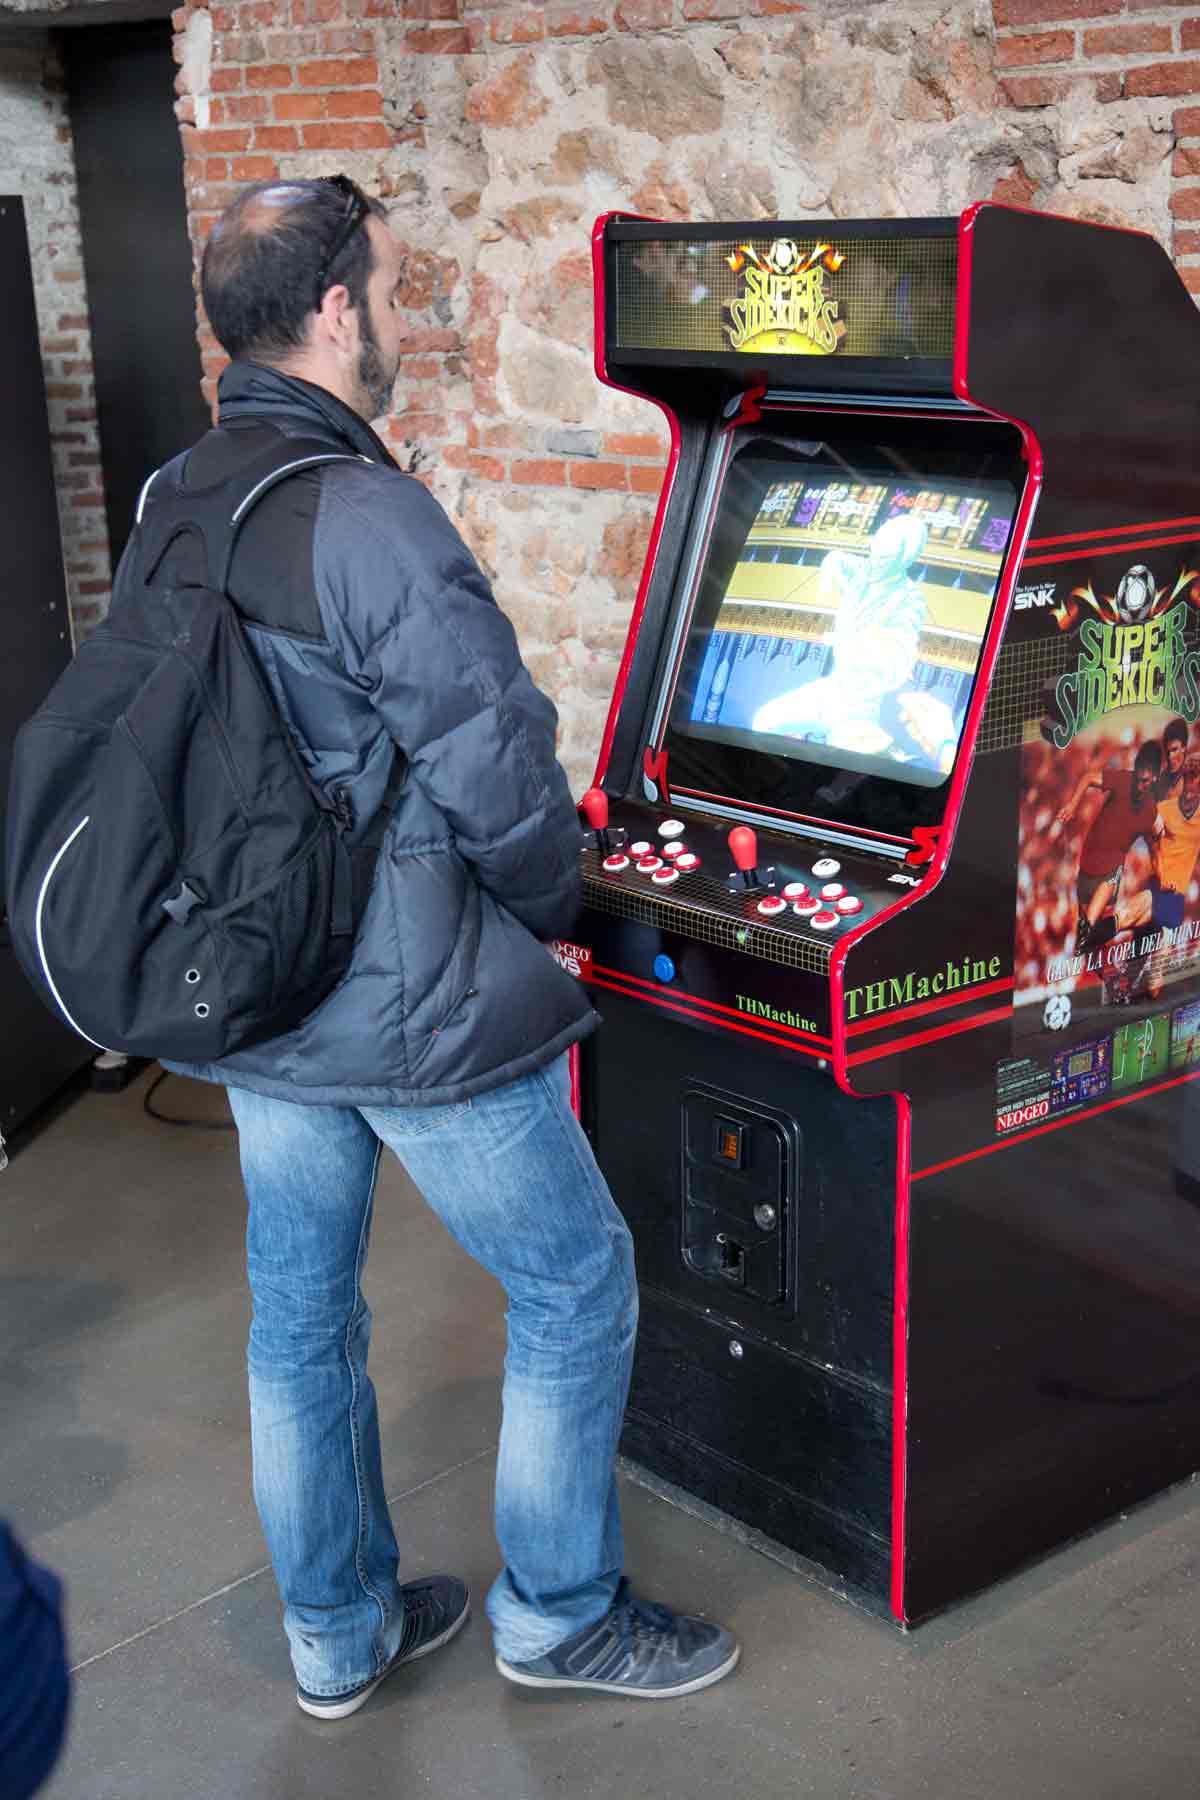 Había máquinas que, al menos en apariencia, eran verdaderos arcades como este de El Rincón de TeHaCHE. No dejéis de fijaros en la pose del jugador ¡totalmente de época!